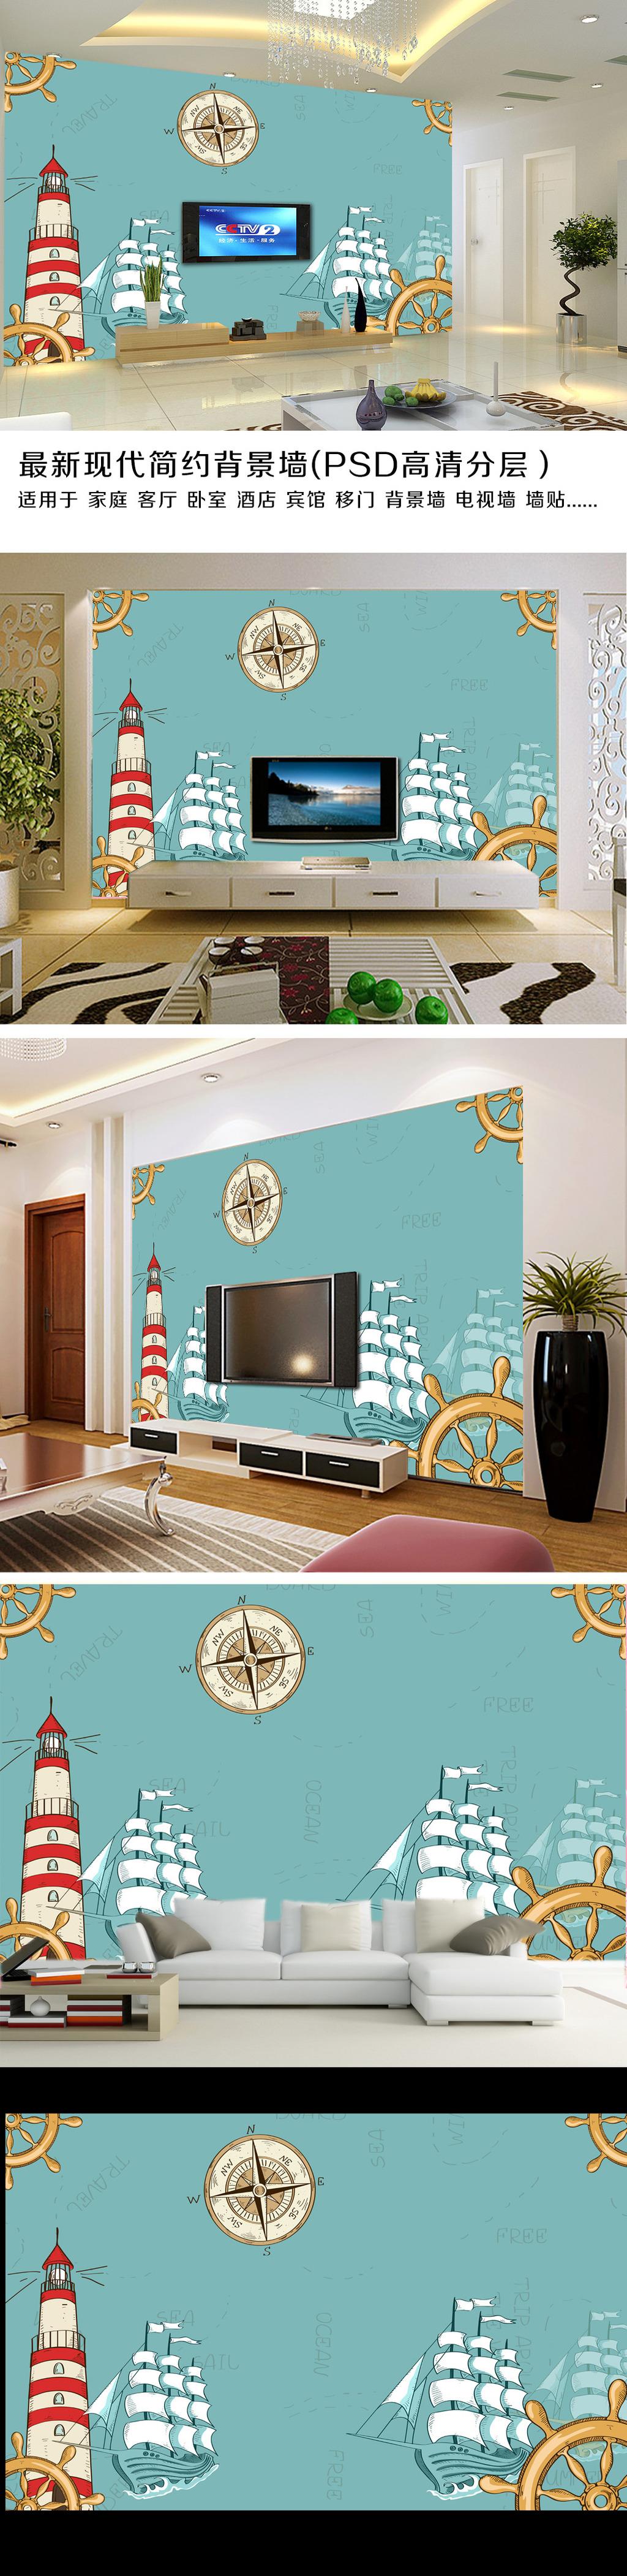 地中海手绘航海背景墙模板设计